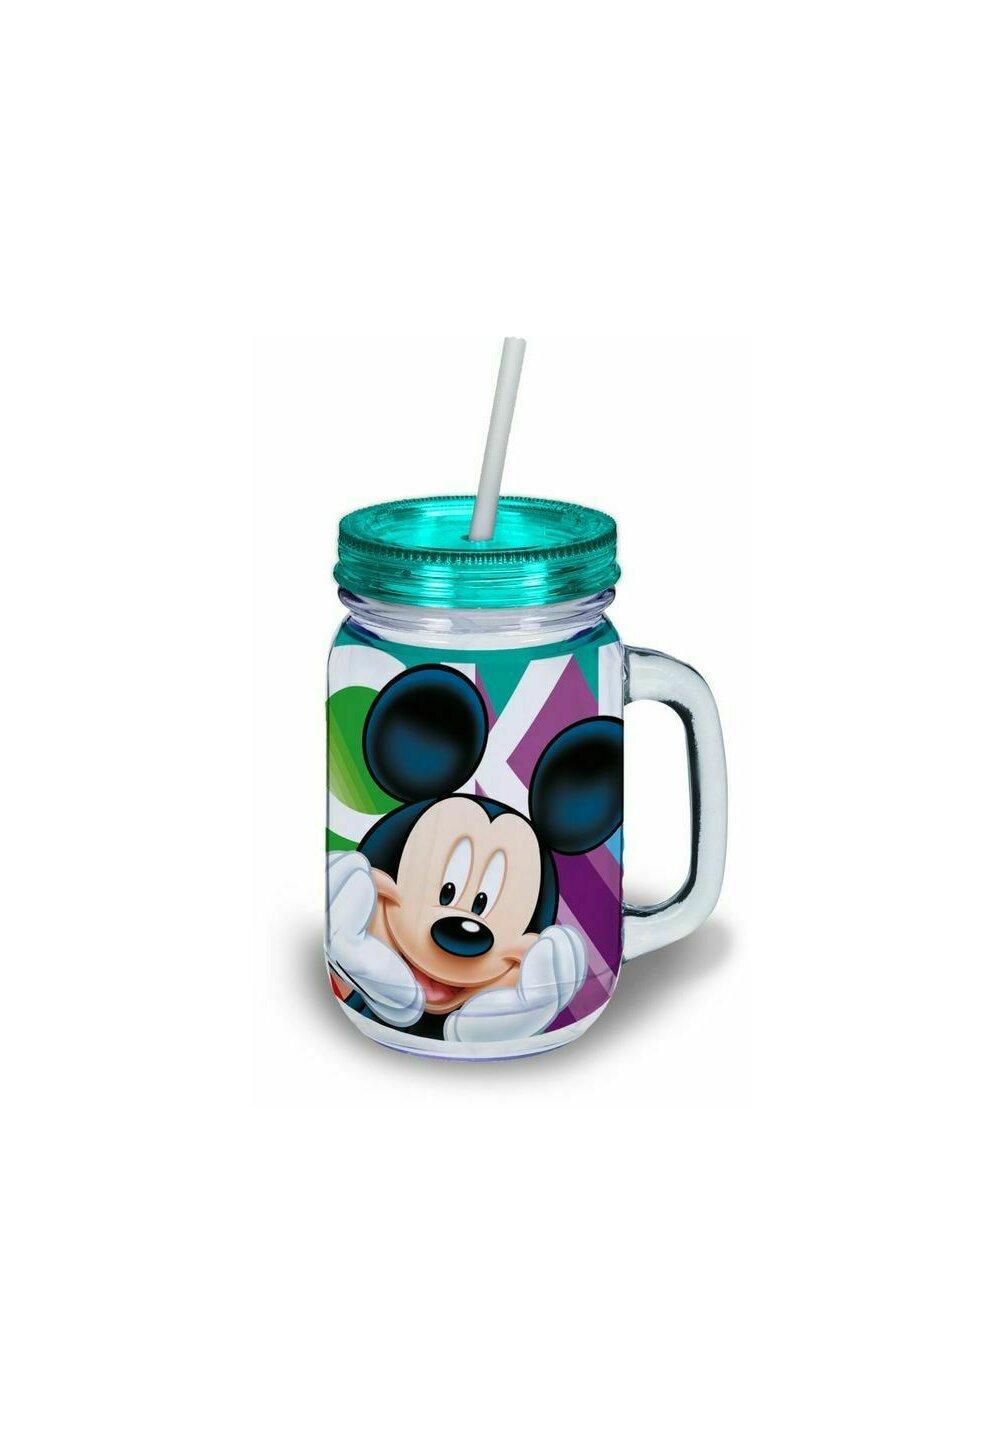 Cana cu pai, Mickey Mouse, turcoaz imagine